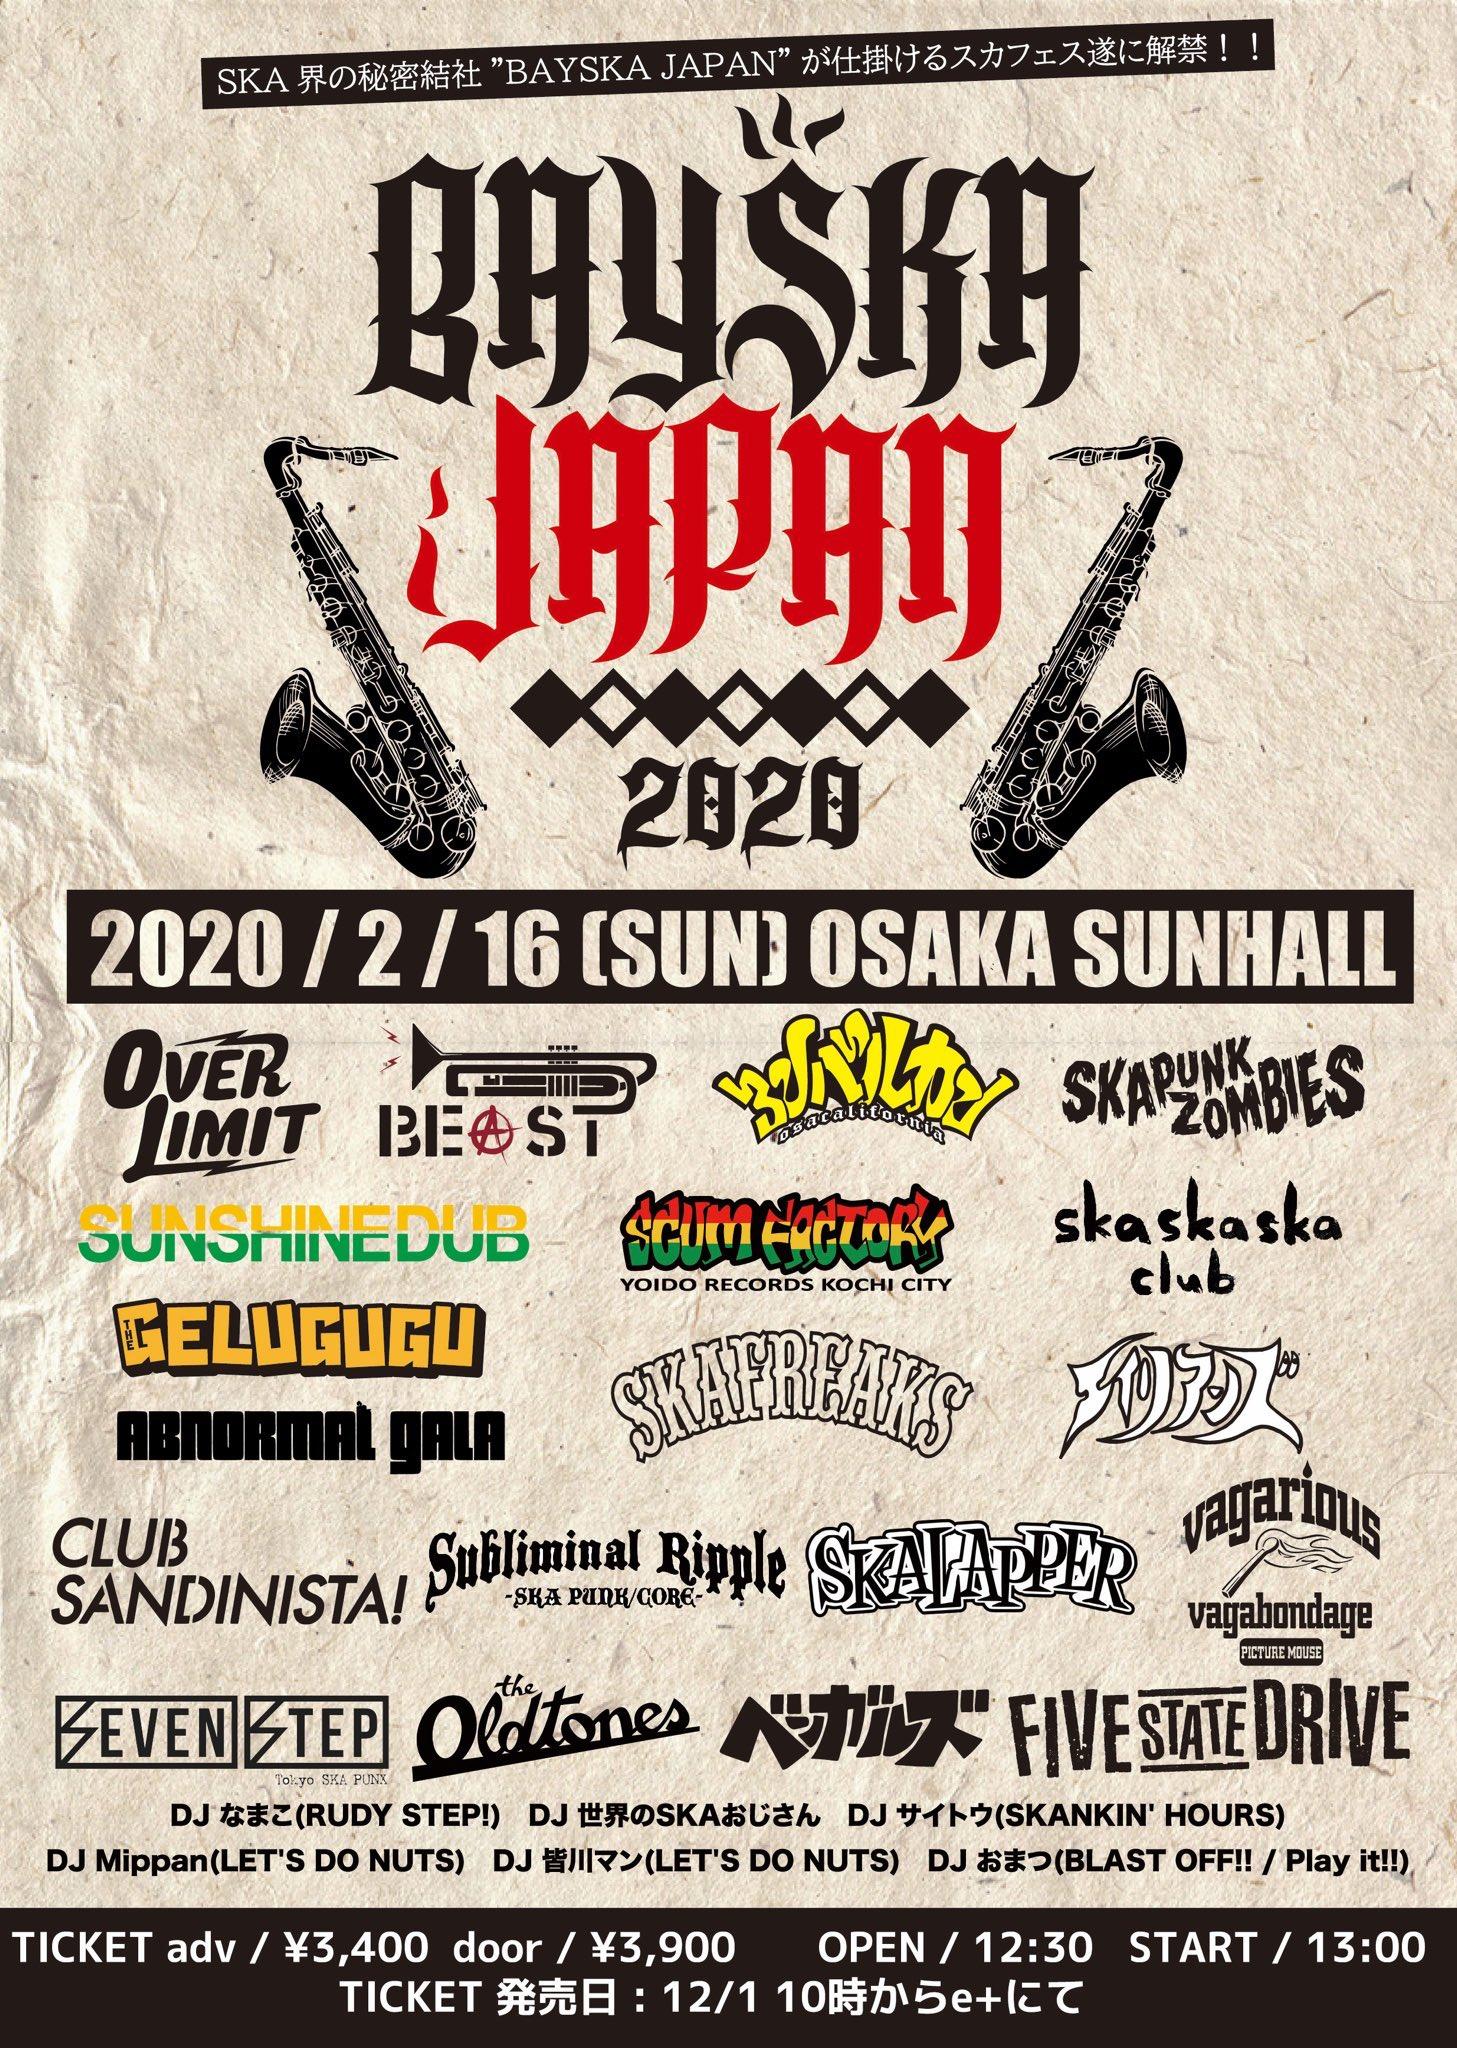 BAYSKA JAPAN 2020